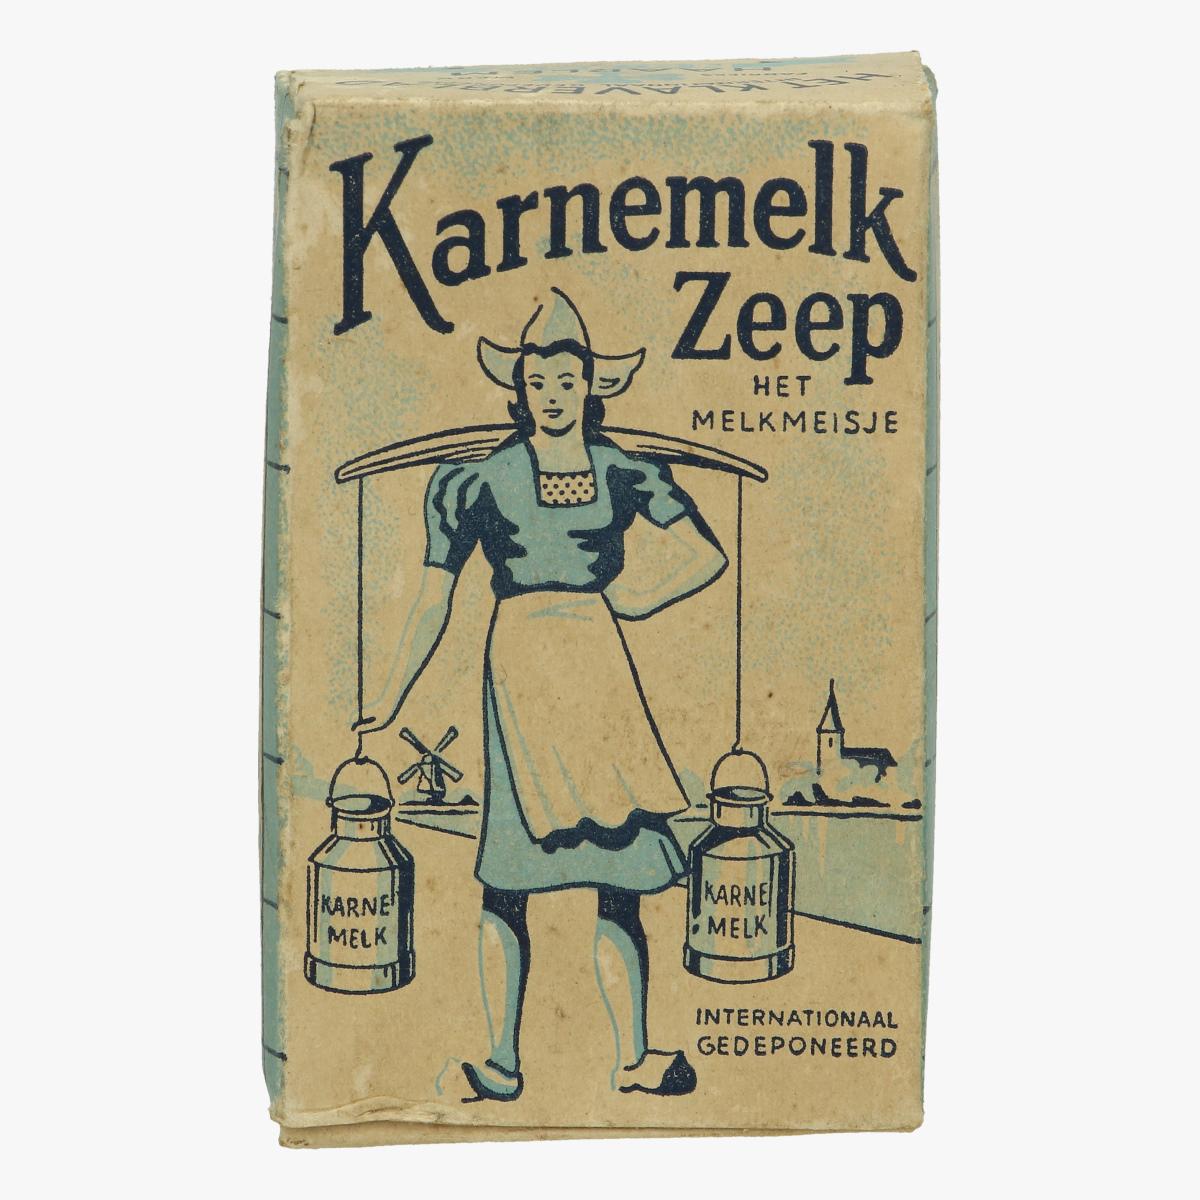 Afbeeldingen van karnemelk zeep doos het melkmeisje Het Klaverblad Haarlem